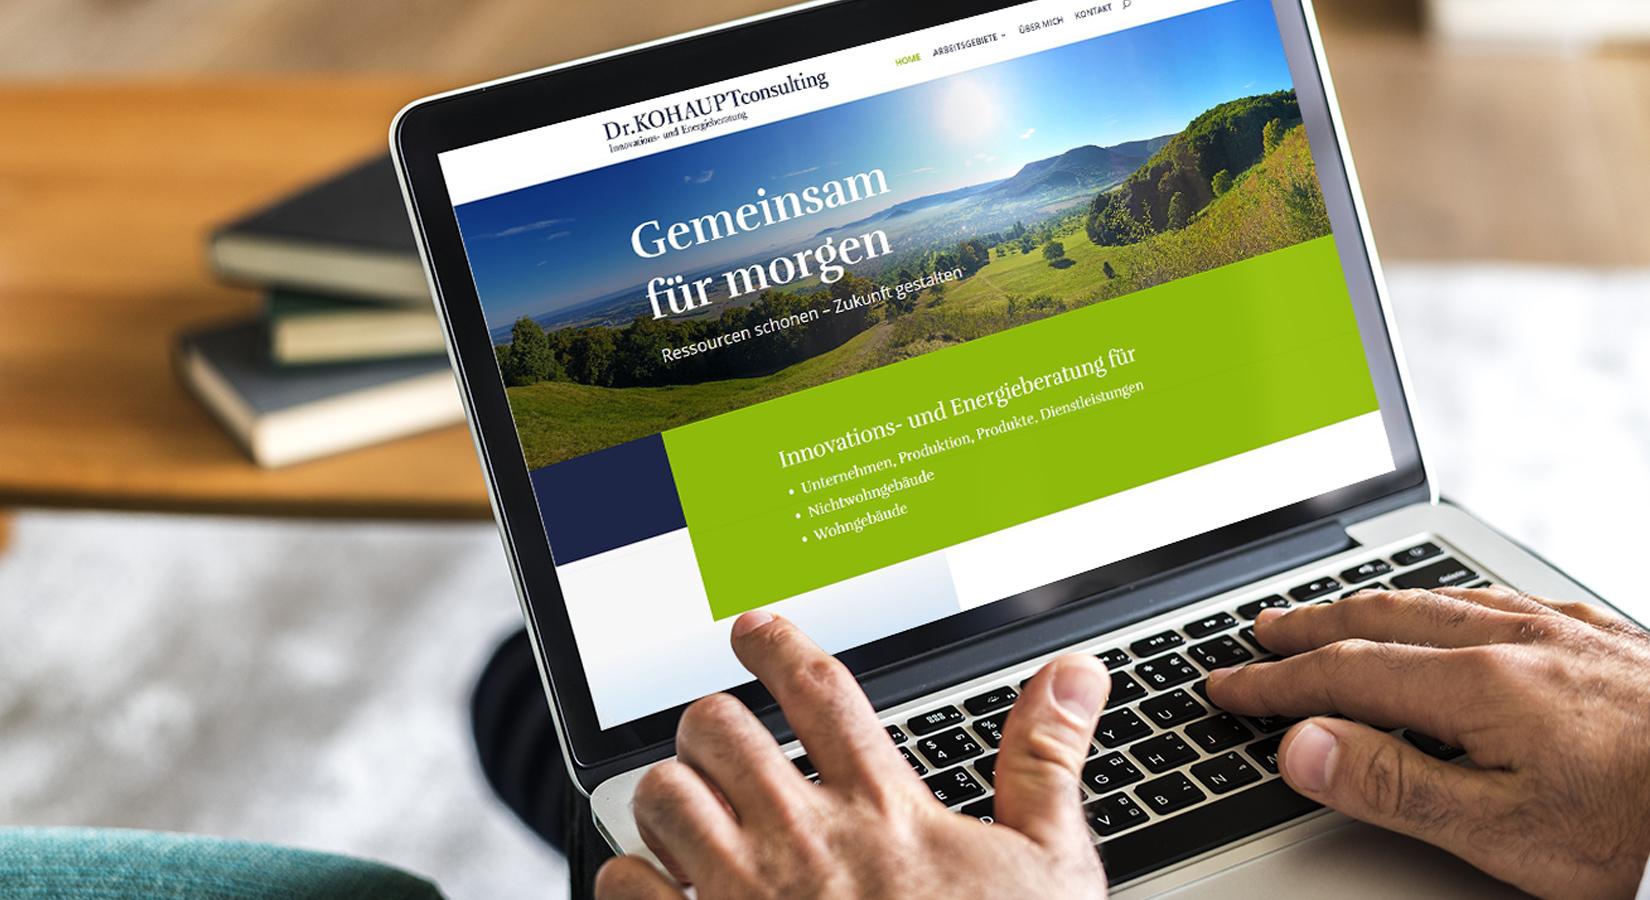 Website von Kohaupt Consulting